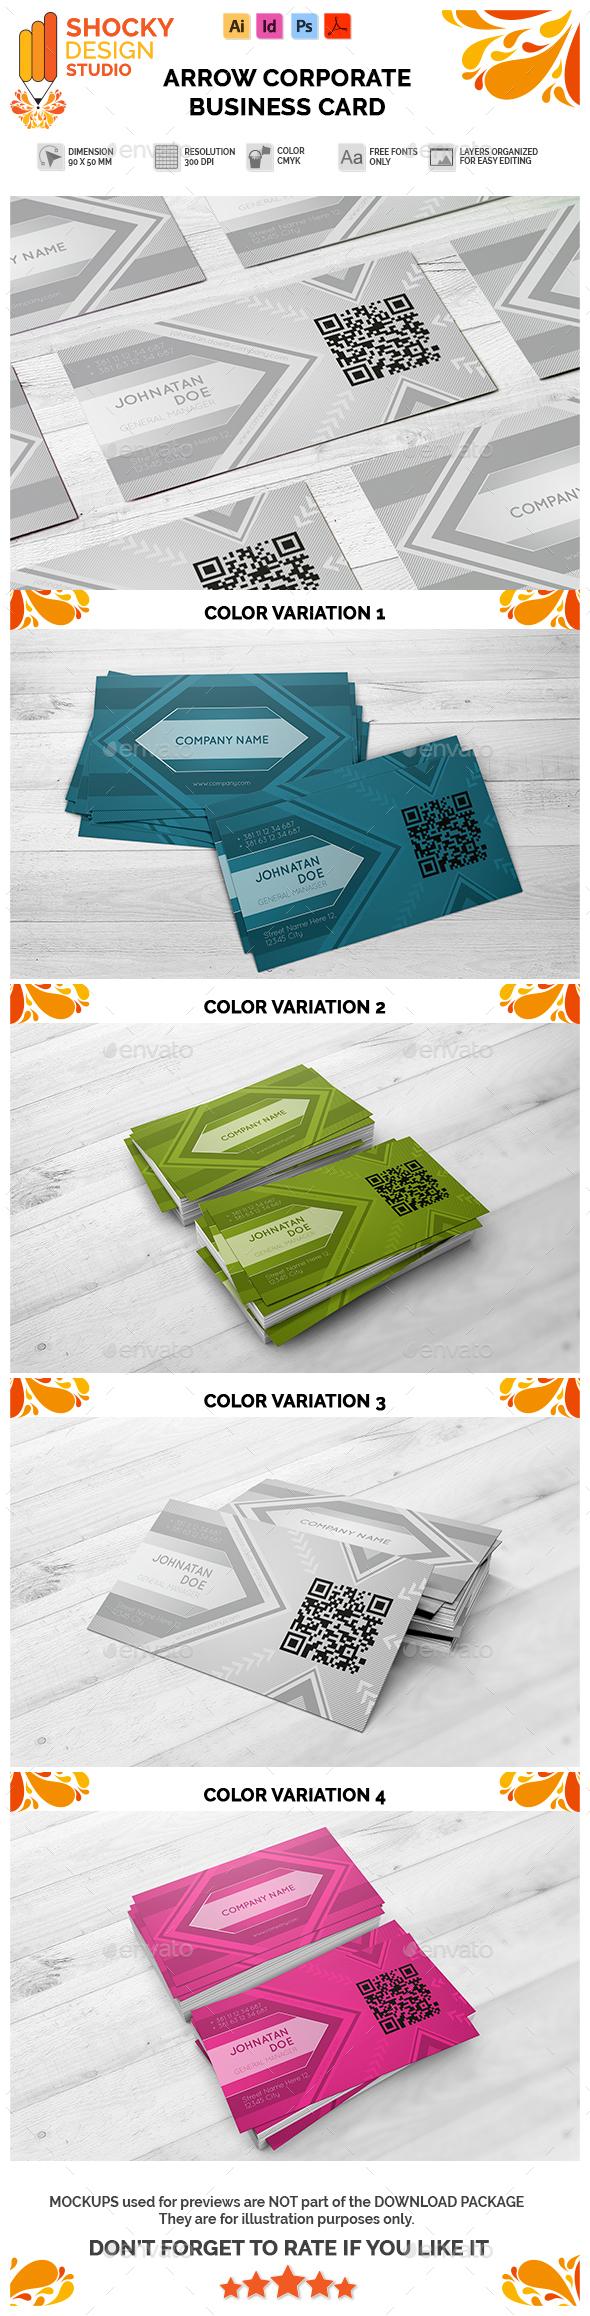 Corporate Business Card Arrow Template - Corporate Business Cards